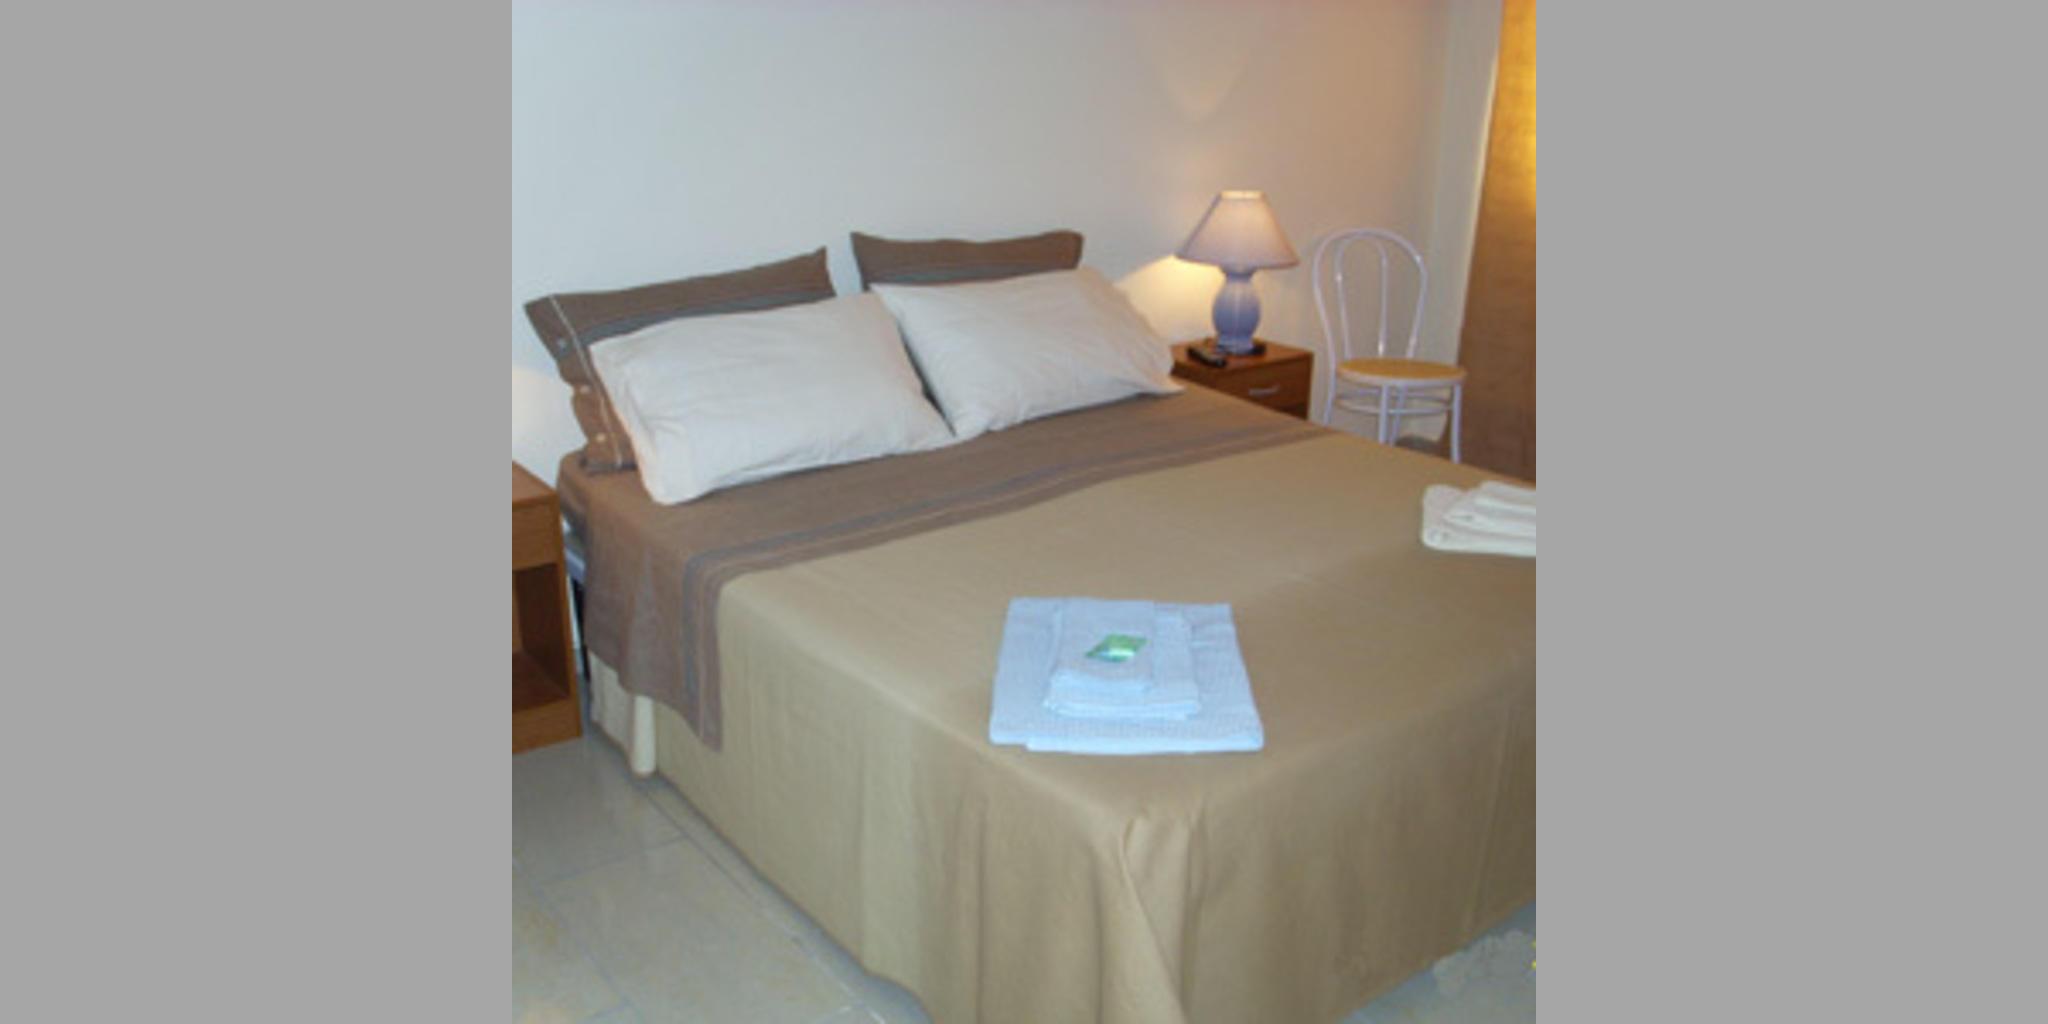 Bed & Breakfast Reggio Di Calabria - Maldariti